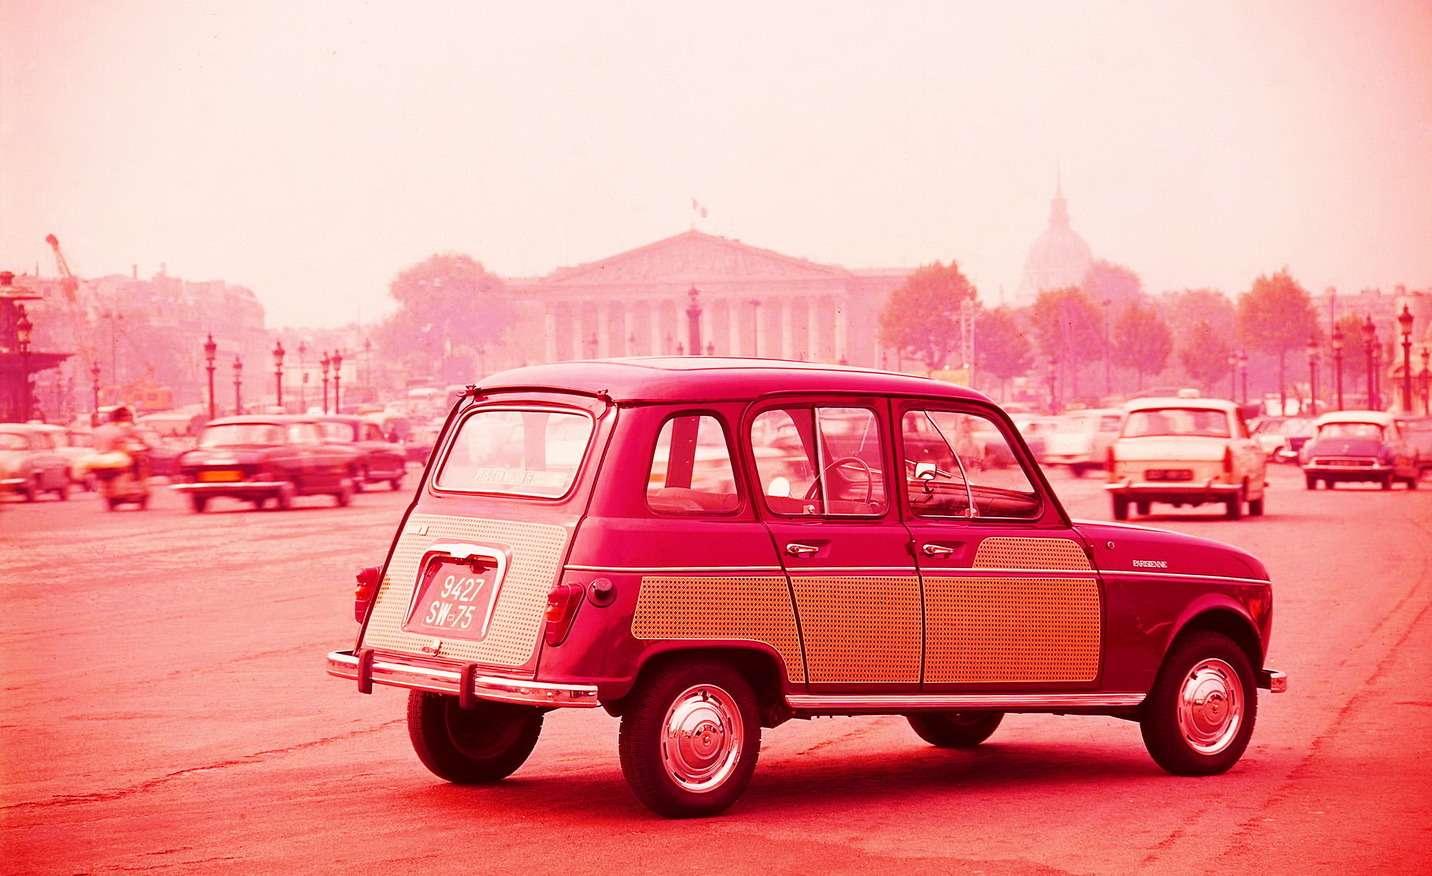 Версию Parisienne, «Парижанка», компания Renault представила совместно сжурналом мод Elle… восьмого марта 1963 года. Автомобиль отличался оформлением боковины изадней двери подплетение изсоломки. Такая отделка уконных экипажей вошла вмоду воФранции в1855 году, после Всемирной выставки вПариже. Компания Renault предлагала также версию R4Parisienne сотделкой «подшотландку». Задекор предлагалось доплатить 260 франков— при стоимости машины порядка 5000 франков